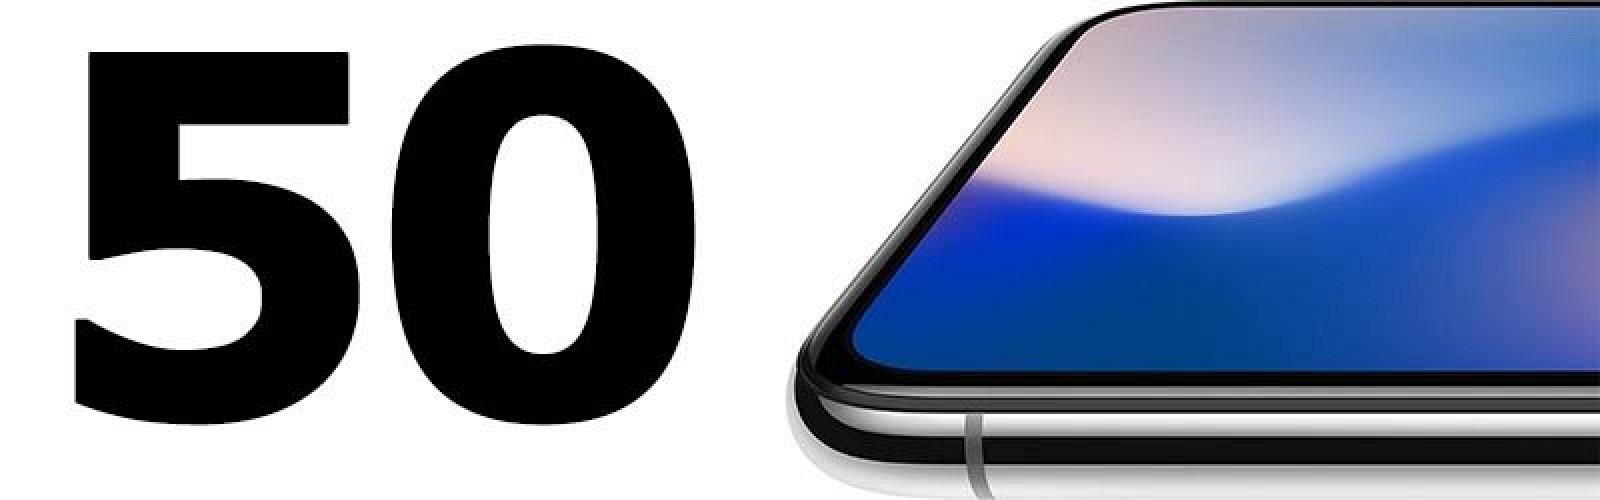 New apple watchos 5 features